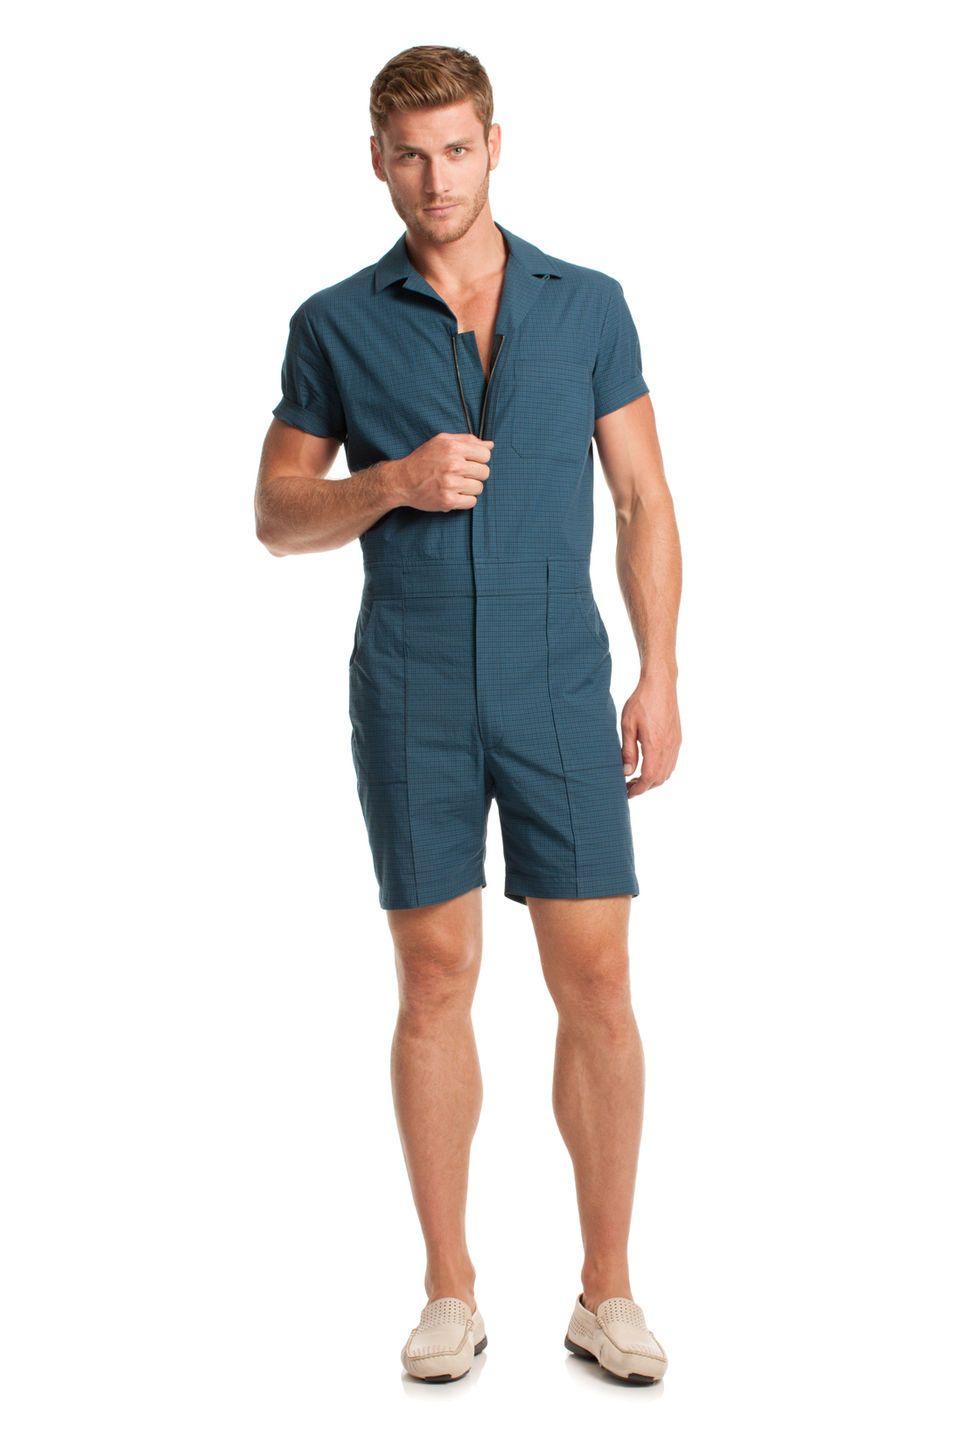 Men wearing